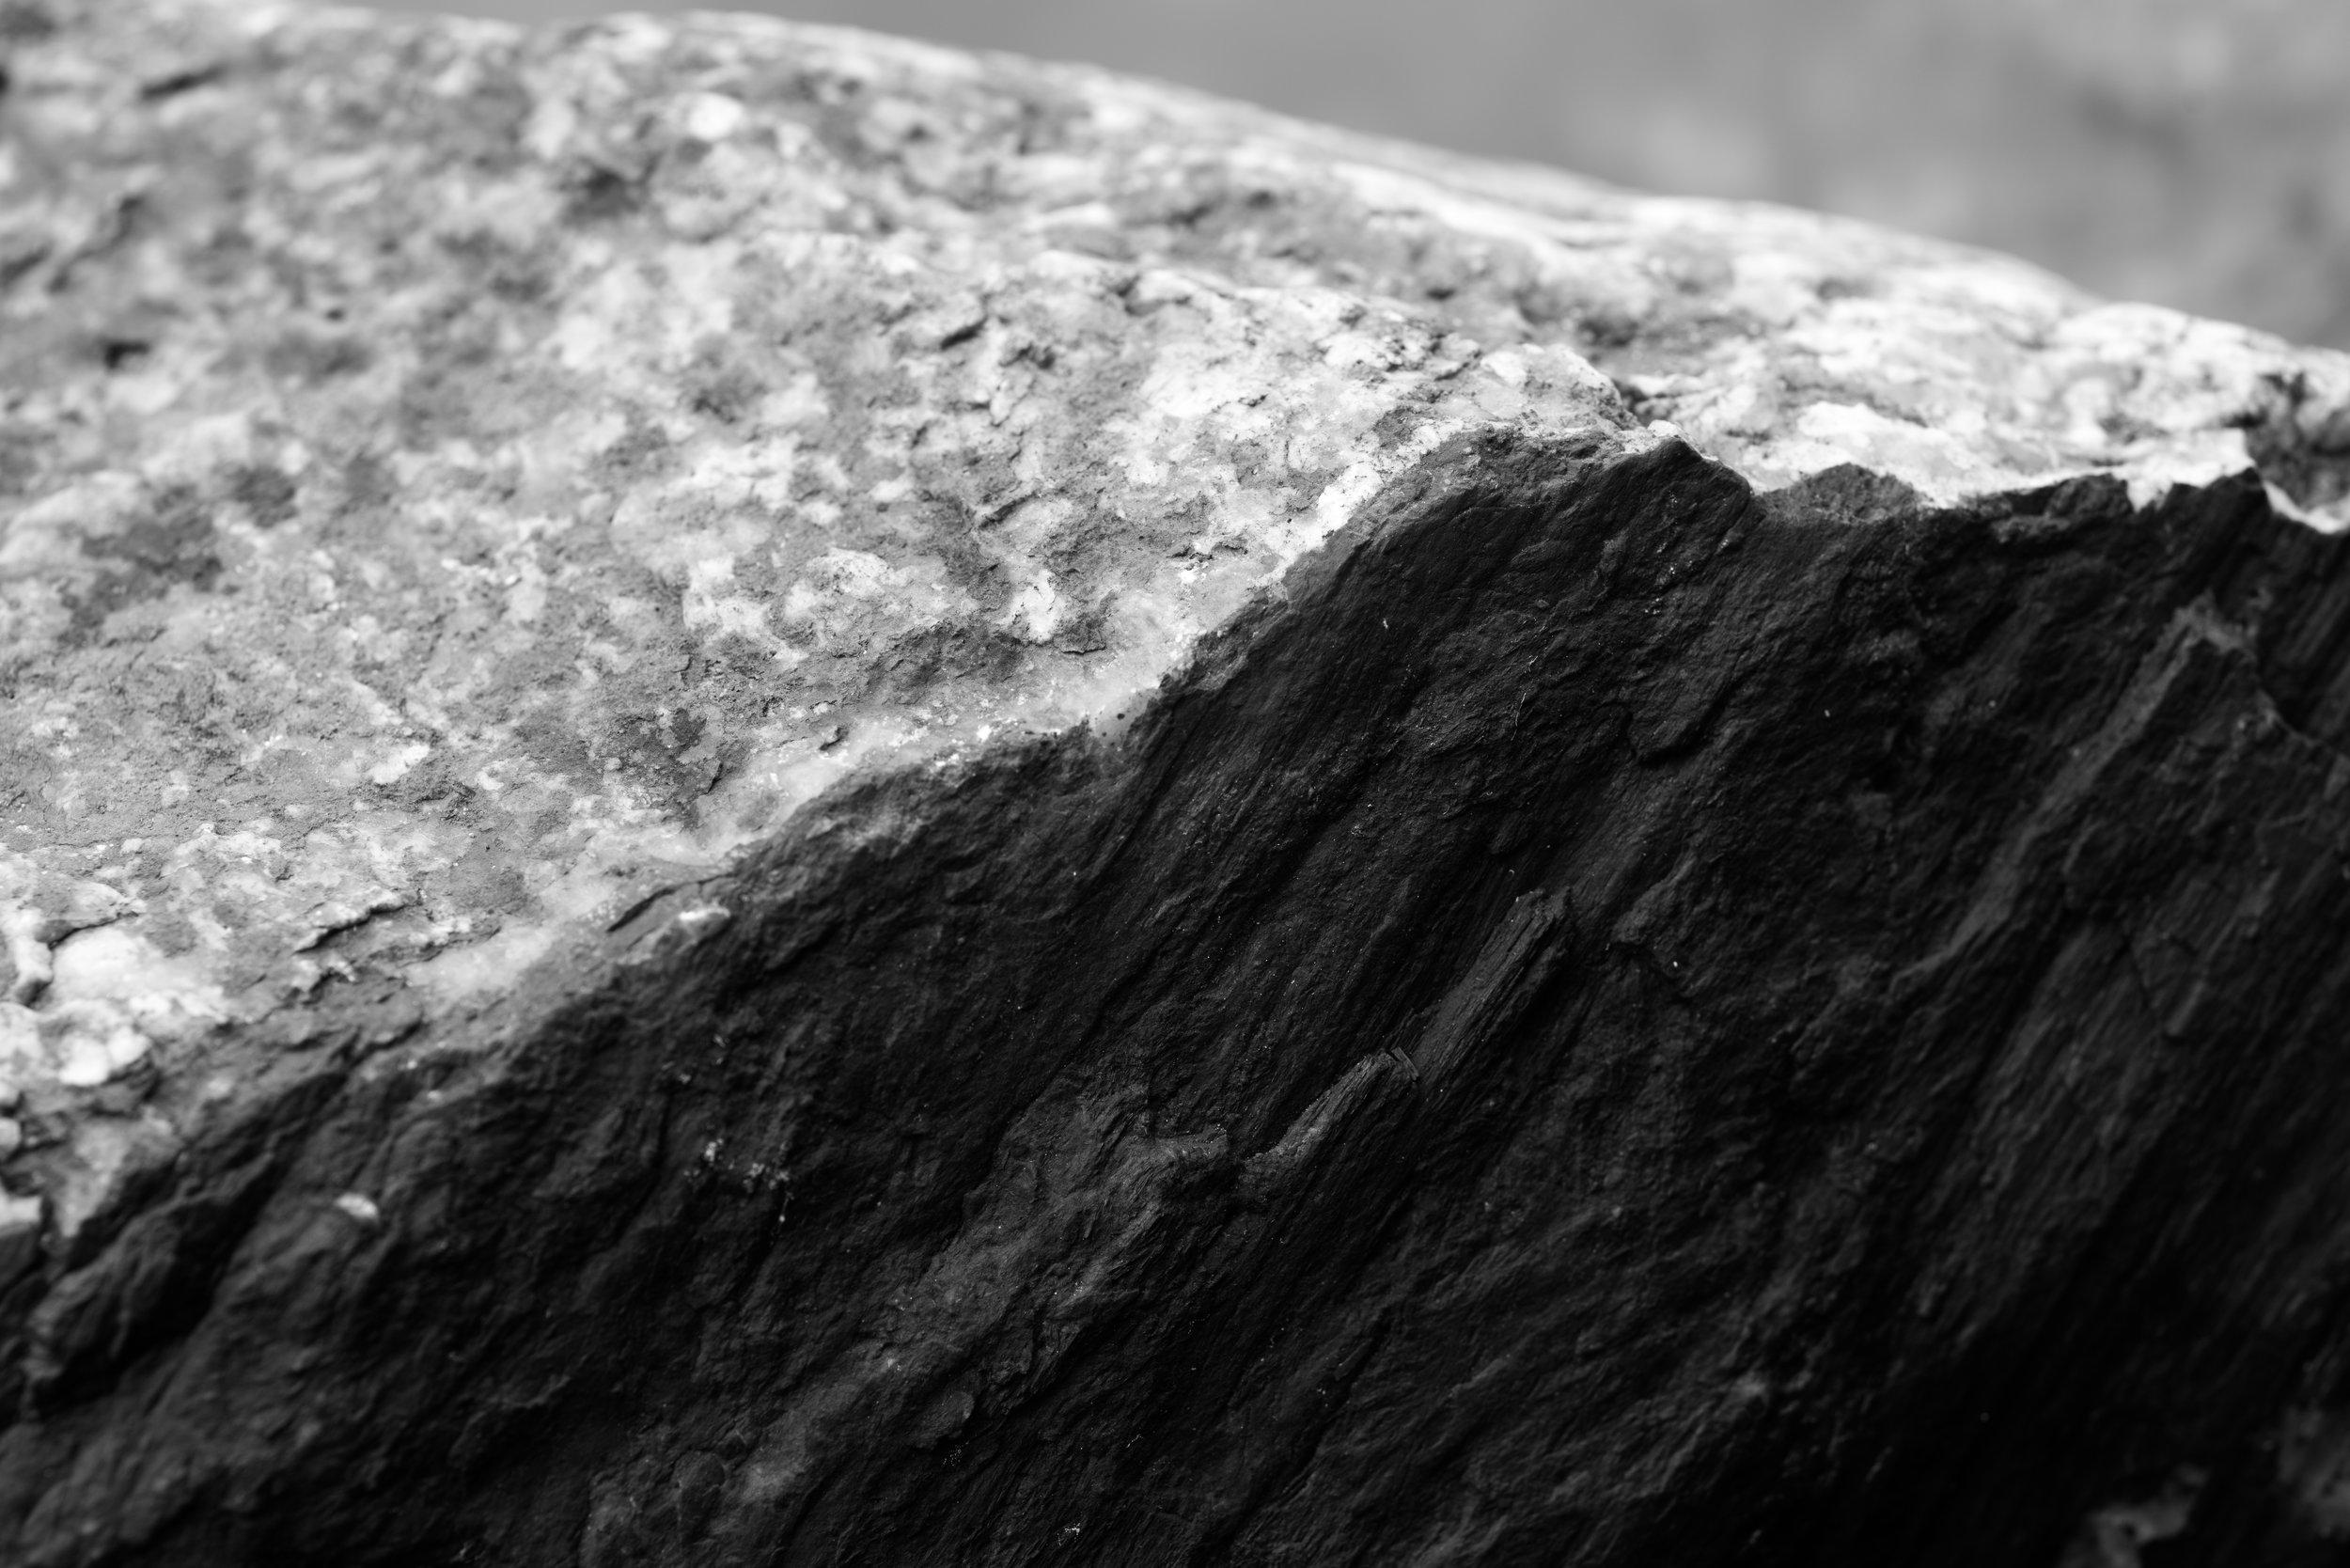 rock_light_dark.jpg